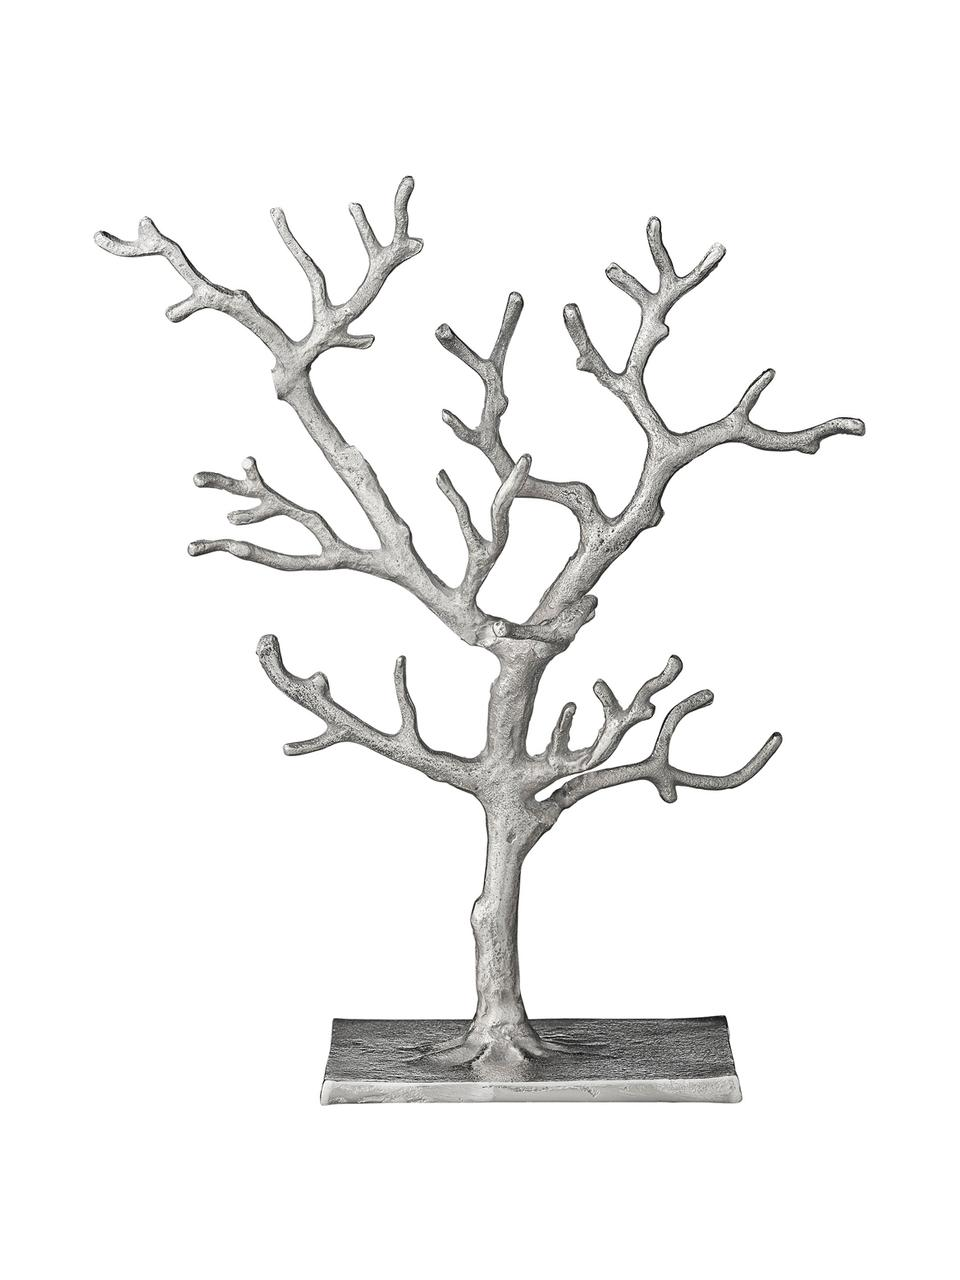 Handgefertigter Schmuckhalter Tressa, Aluminium, beschichtet, Silberfarben, 28 x 33 cm